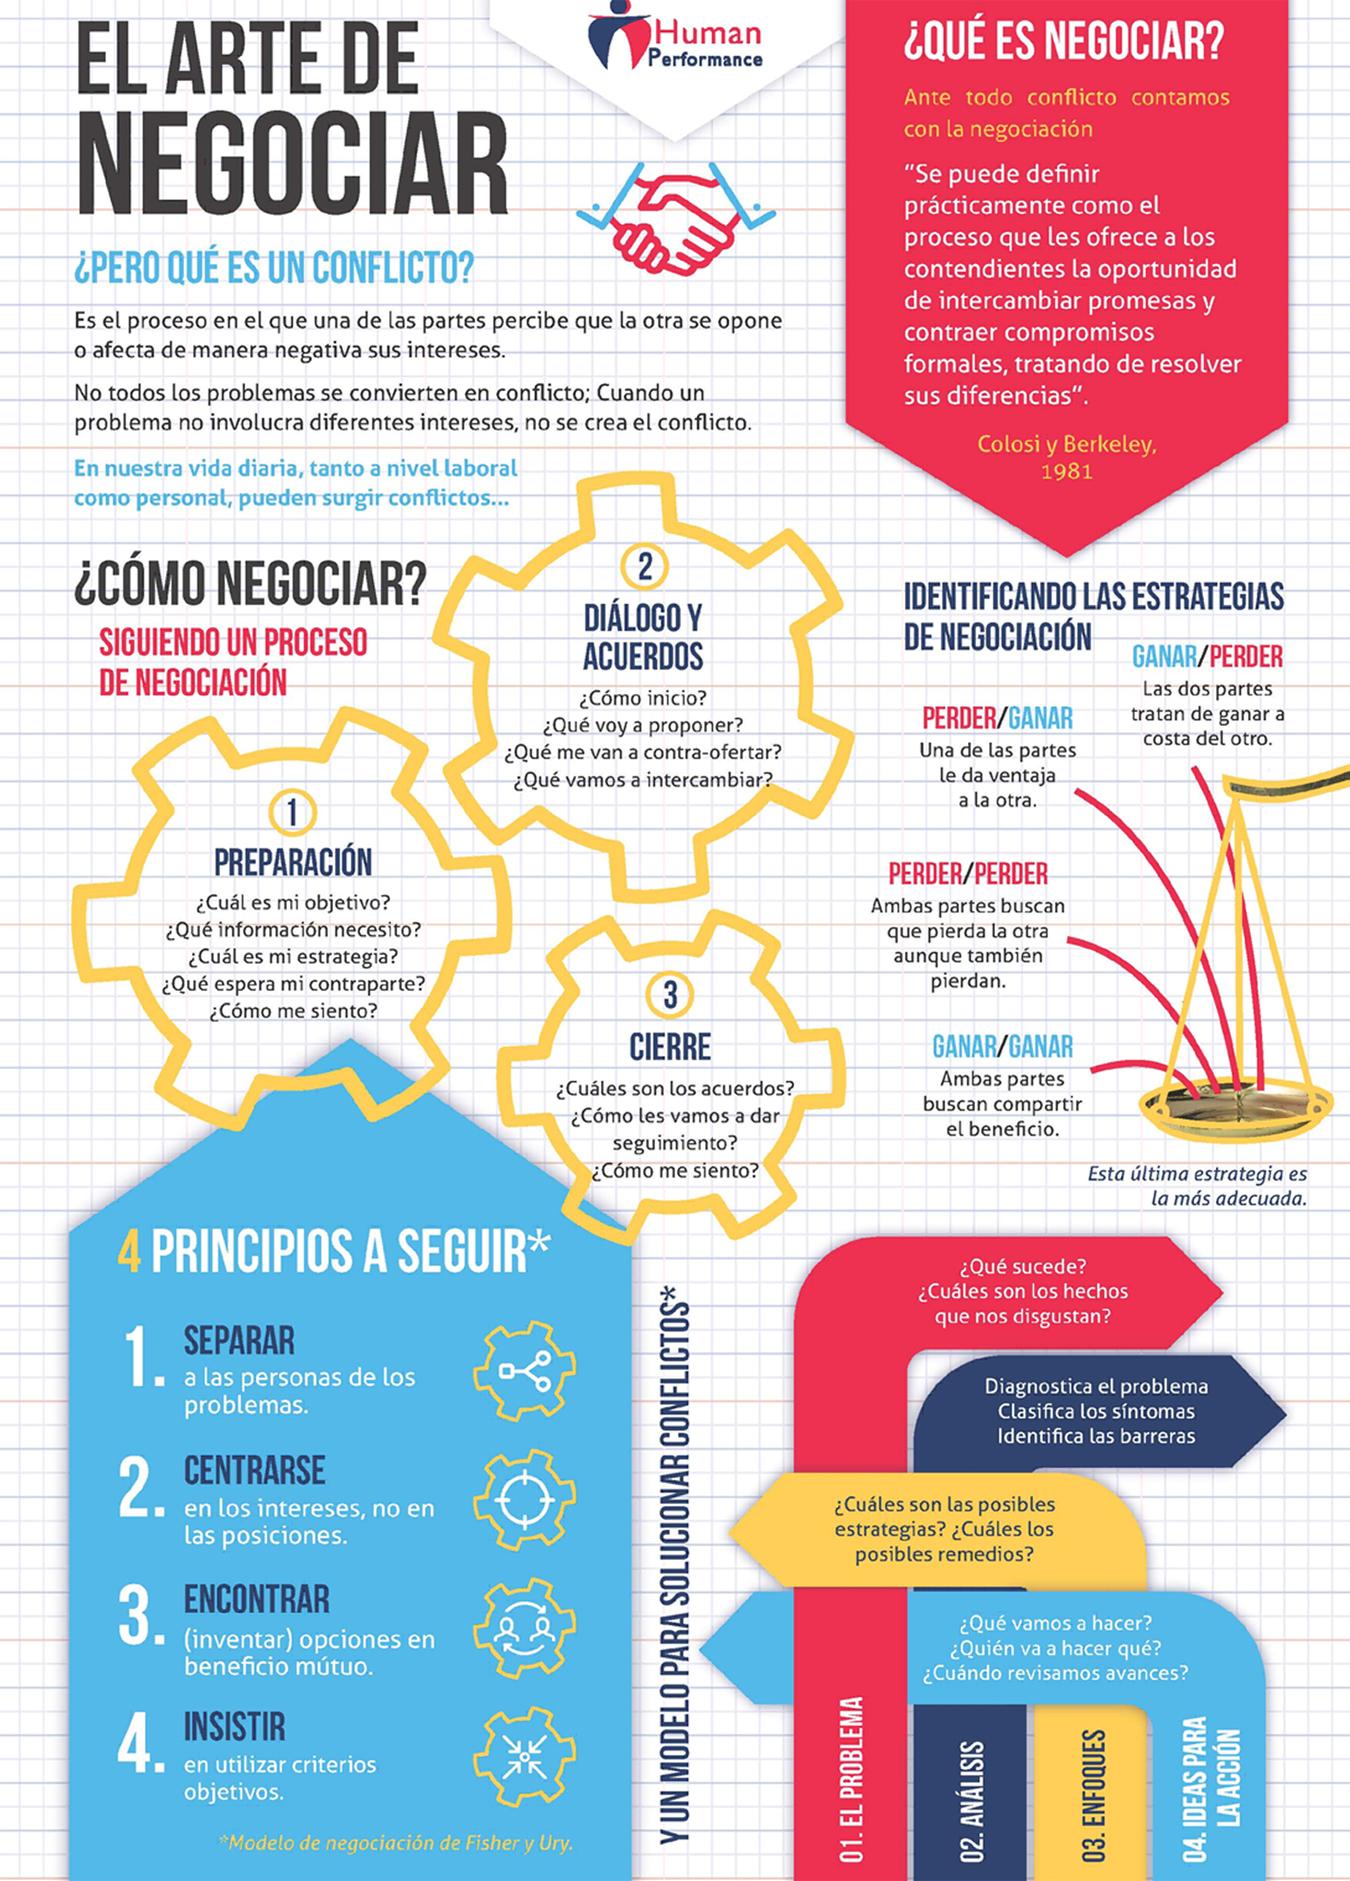 El arte de negociar #infografia #infographic - TICs y ...